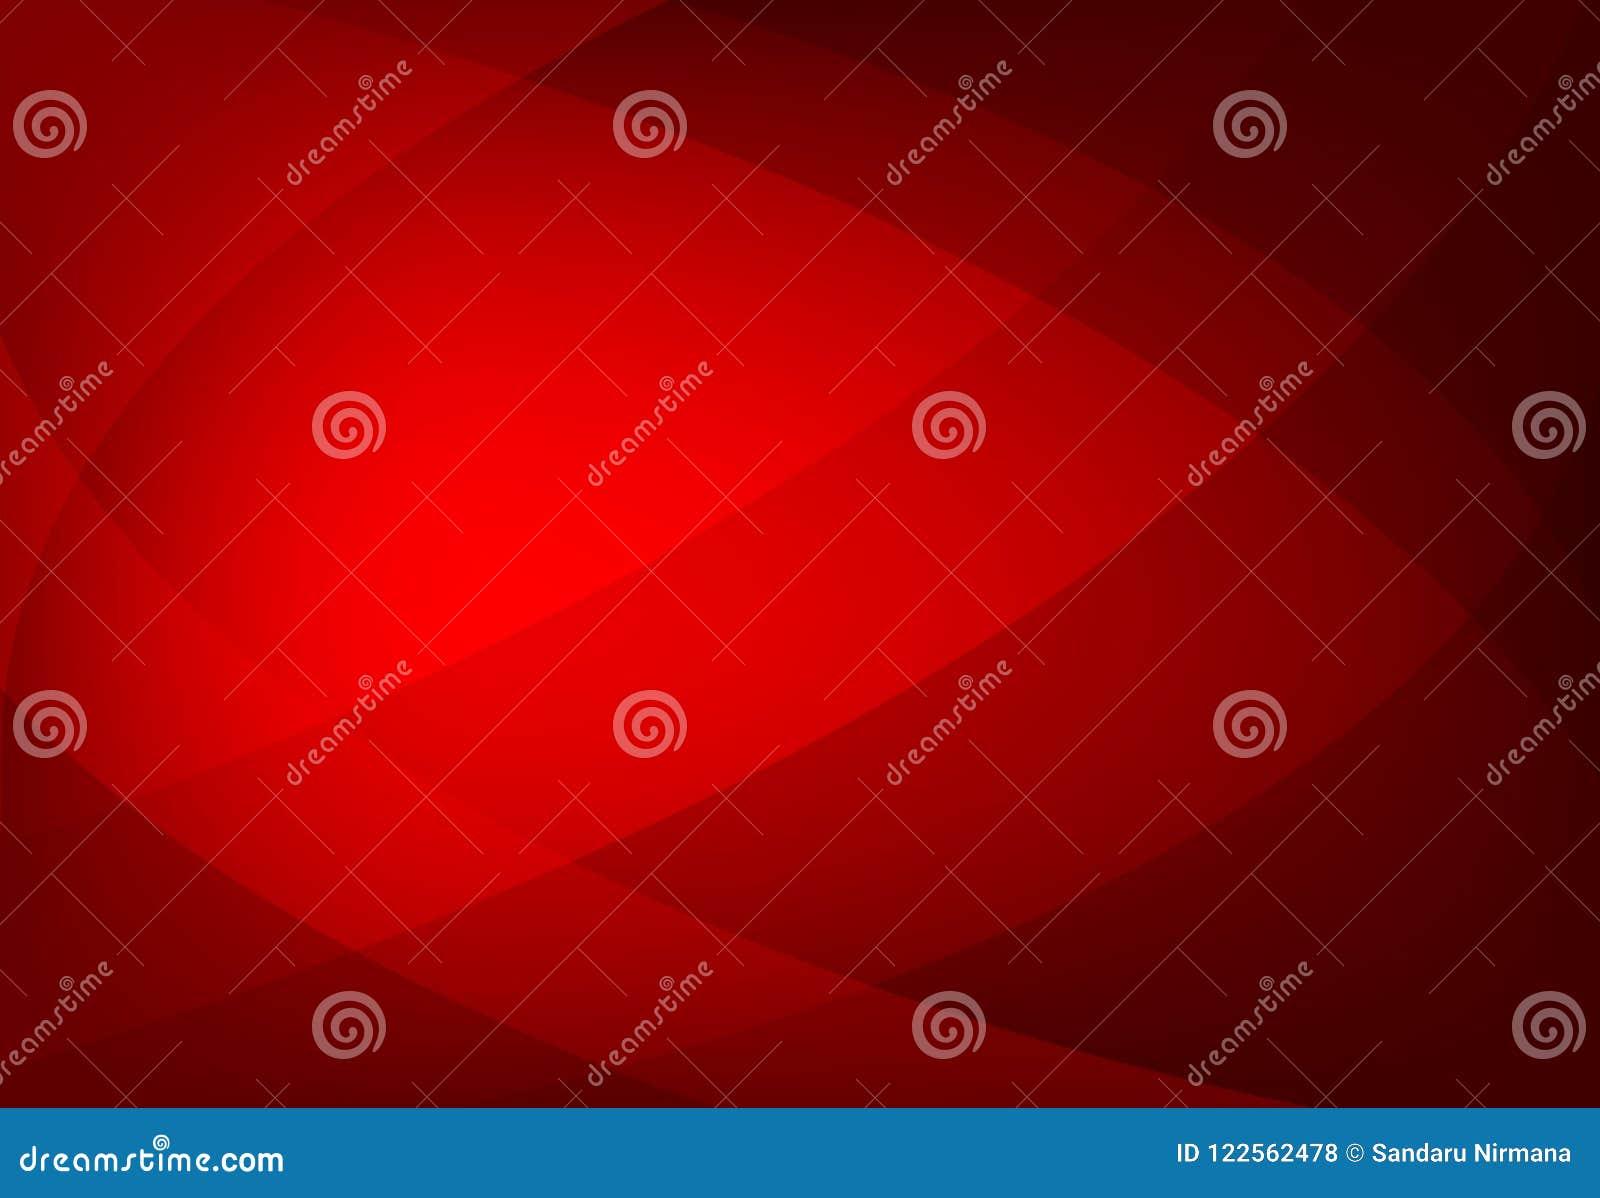 Vector abstrakten rote Farbgeometrischen gewellten Hintergrund, Tapete für jedes mögliches Design